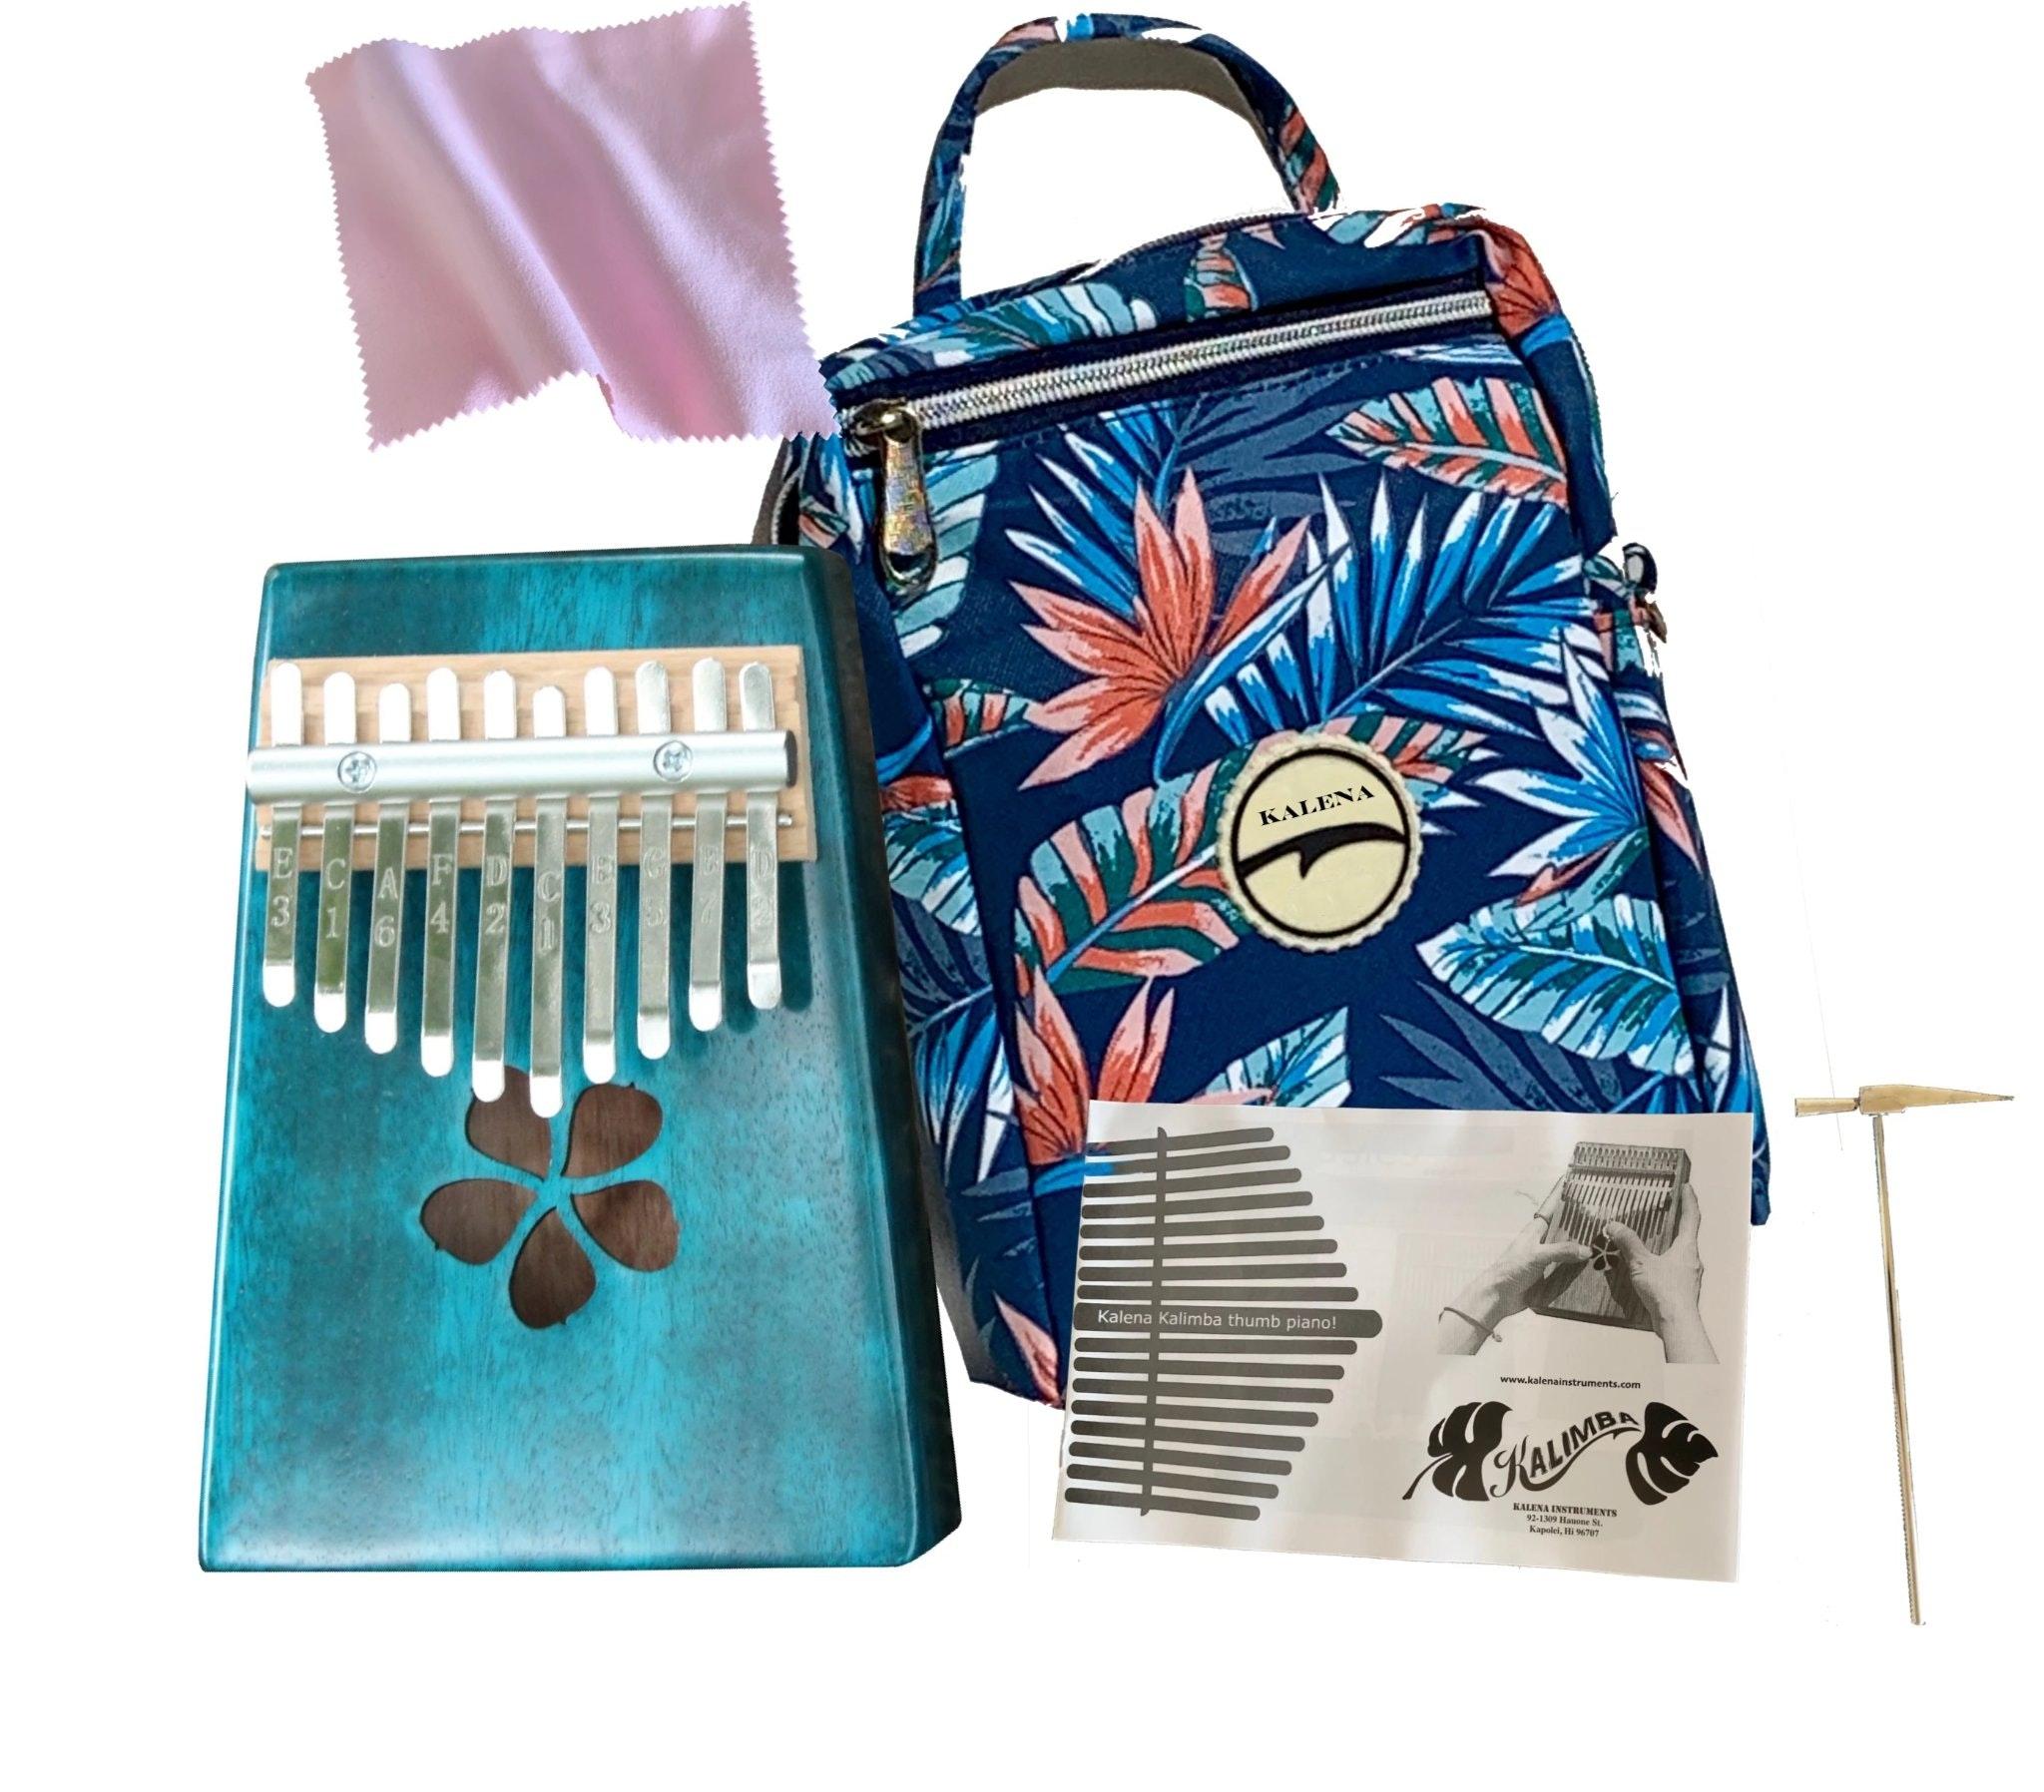 Kalena Instruments Mahogany Kalimba